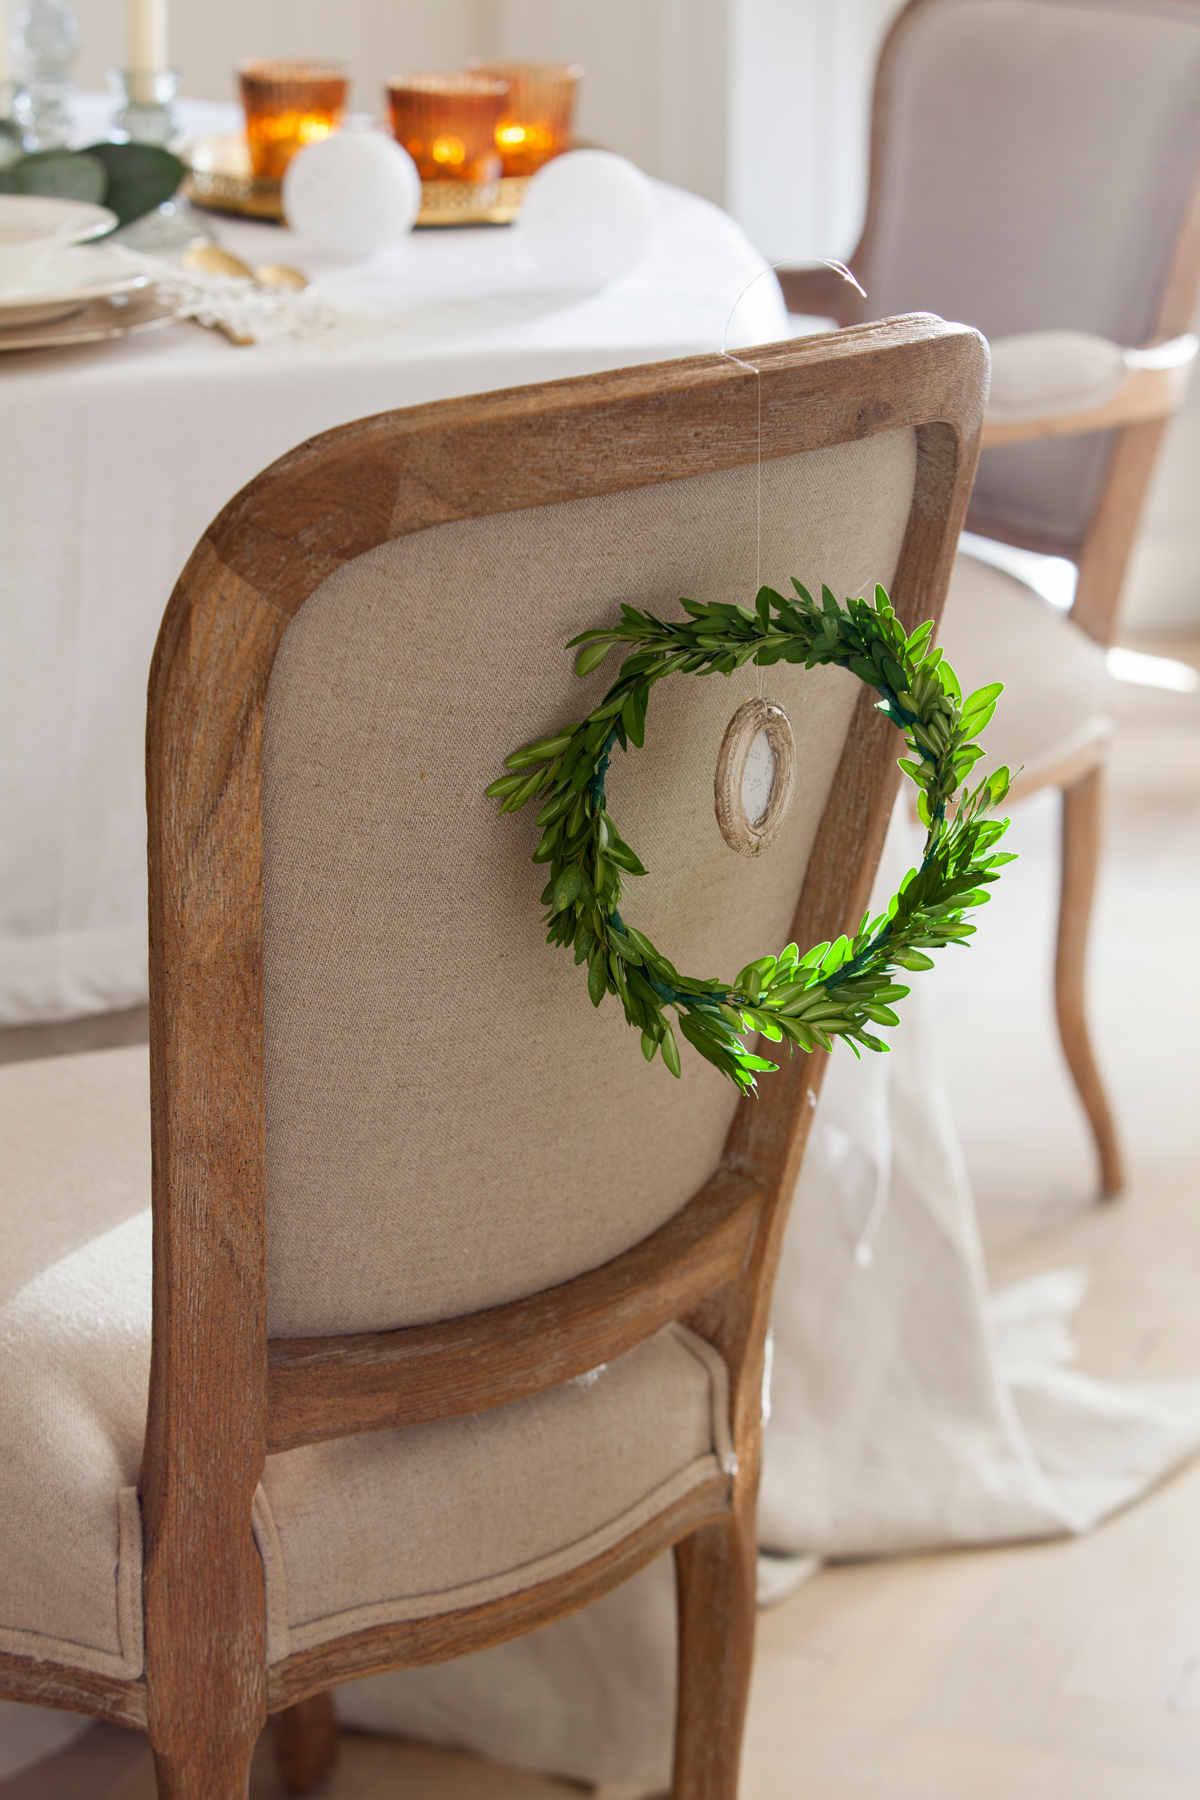 00417889 O. Silla con corona vegetal y marco de fotos pequeño para Navidad (417889)